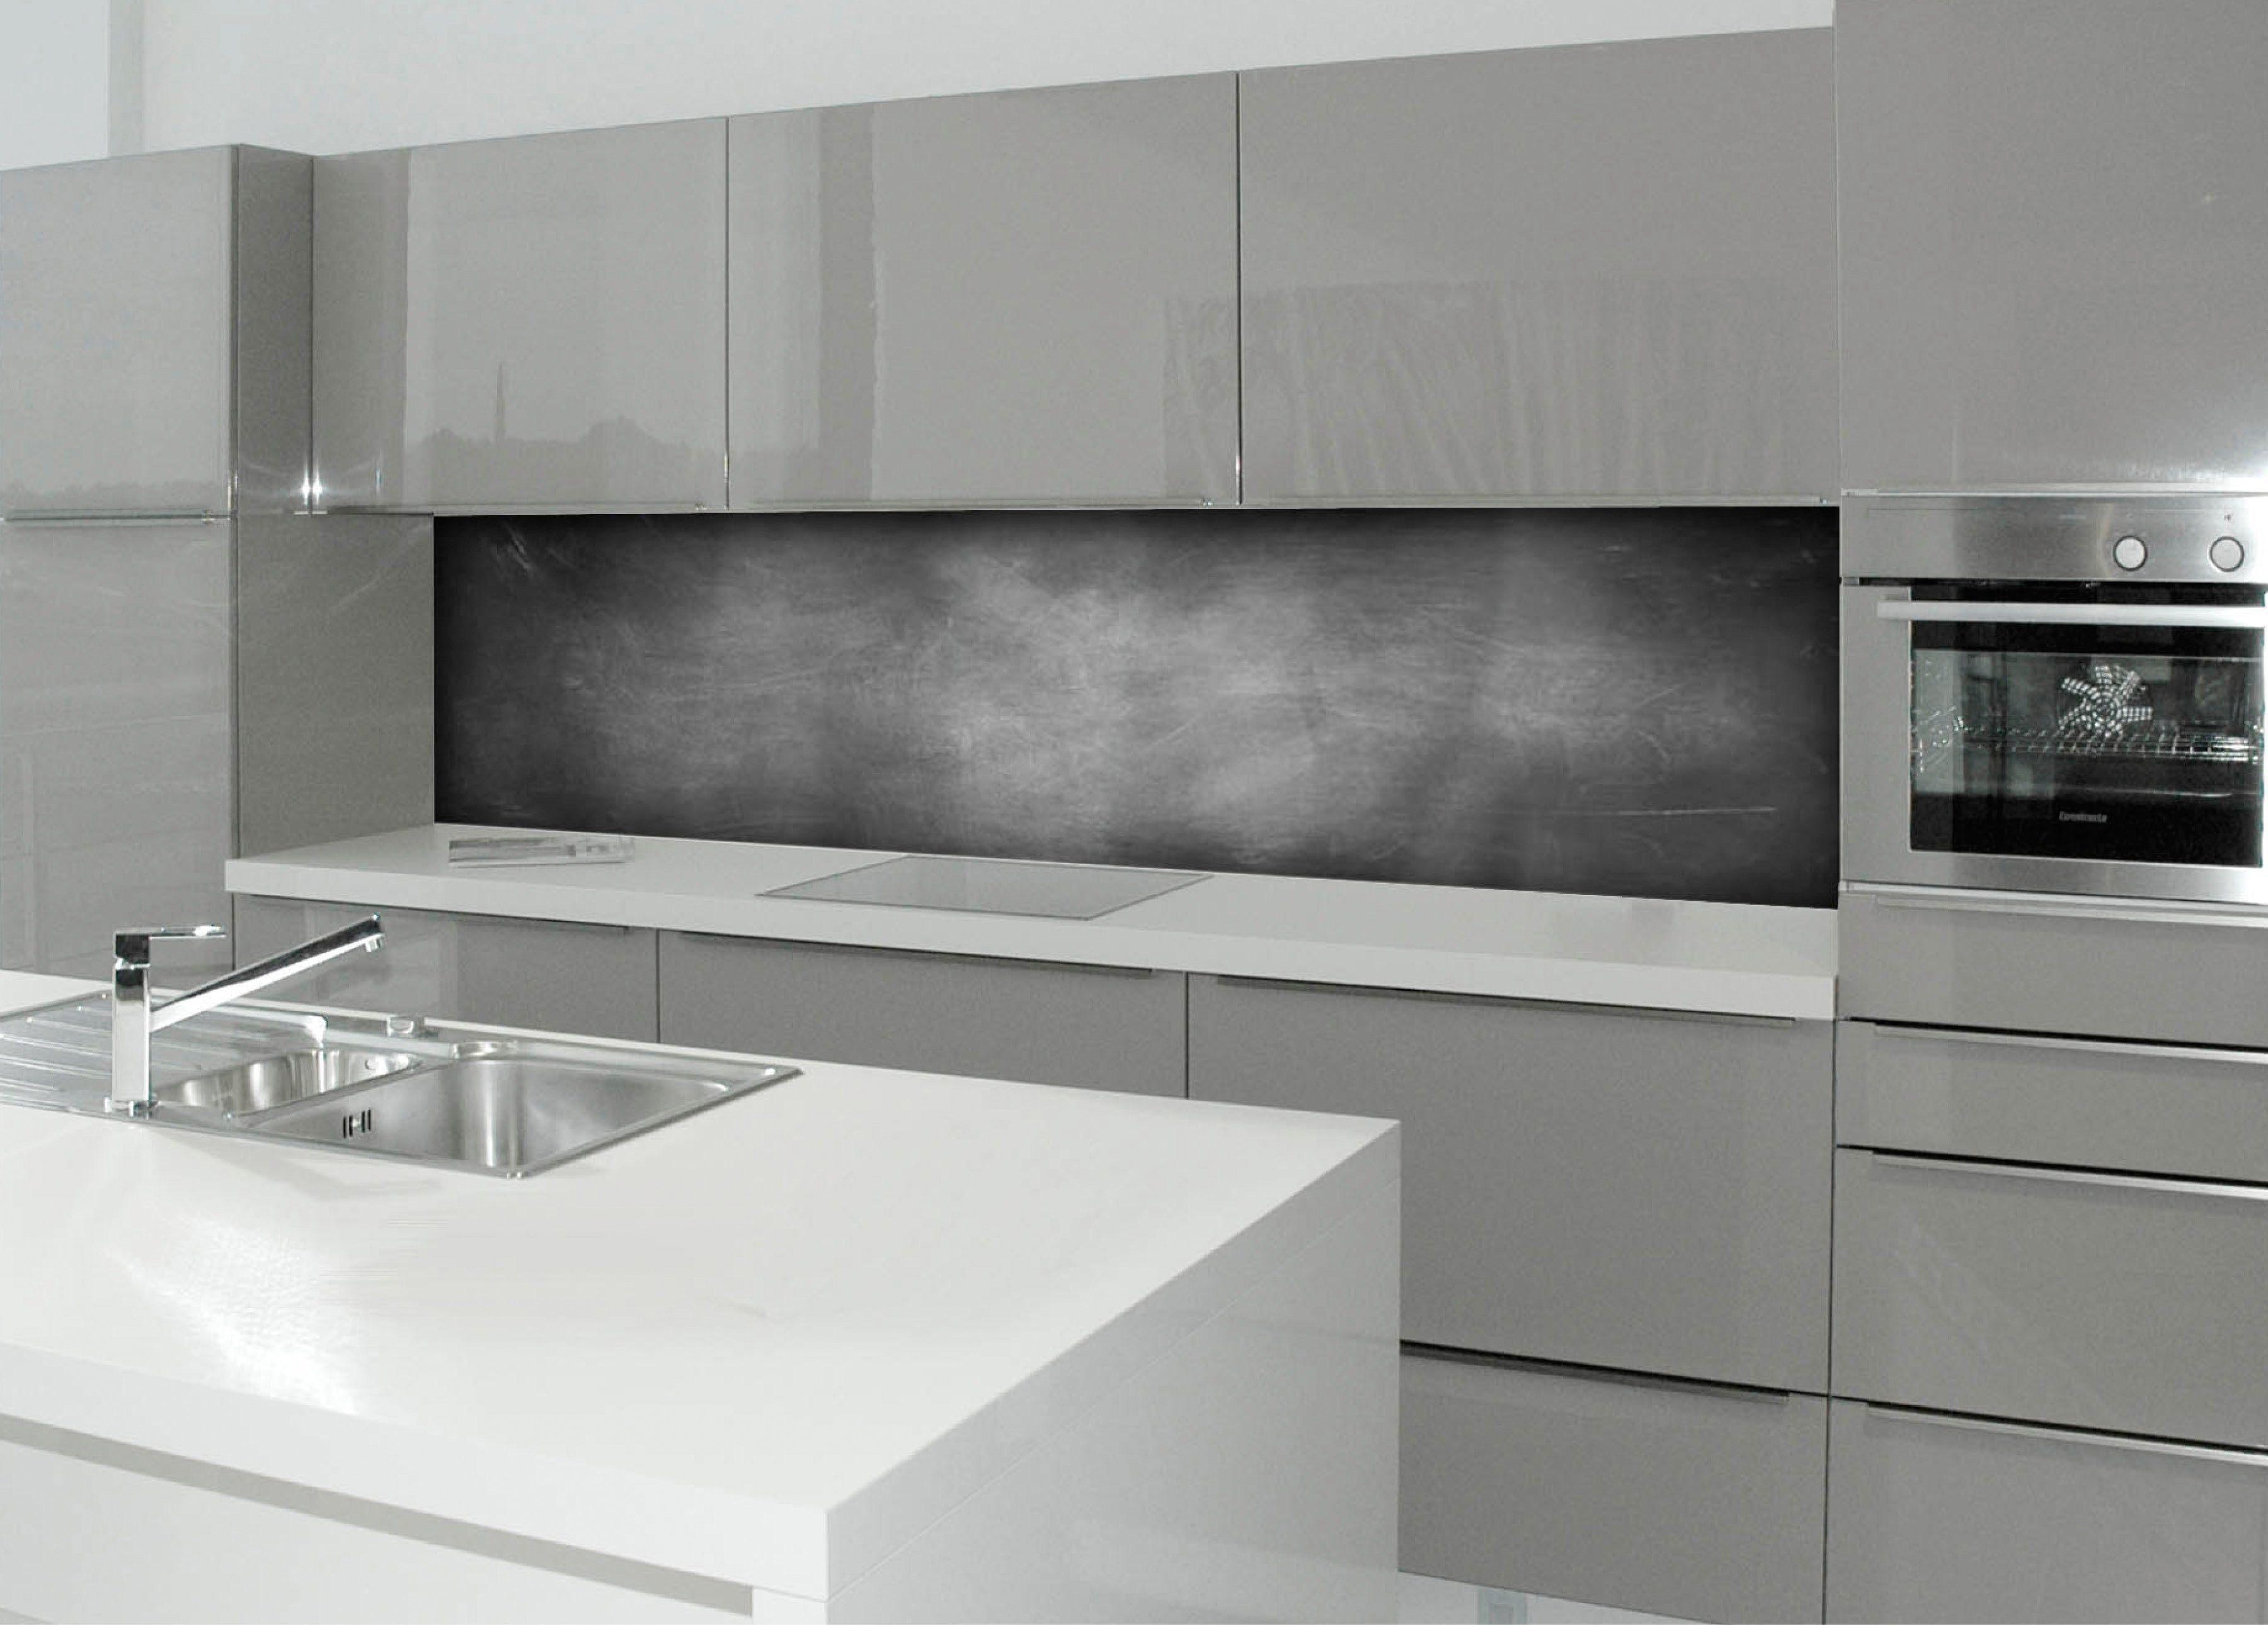 Hervorragend Küchenrückwände online kaufen   OTTO KX11